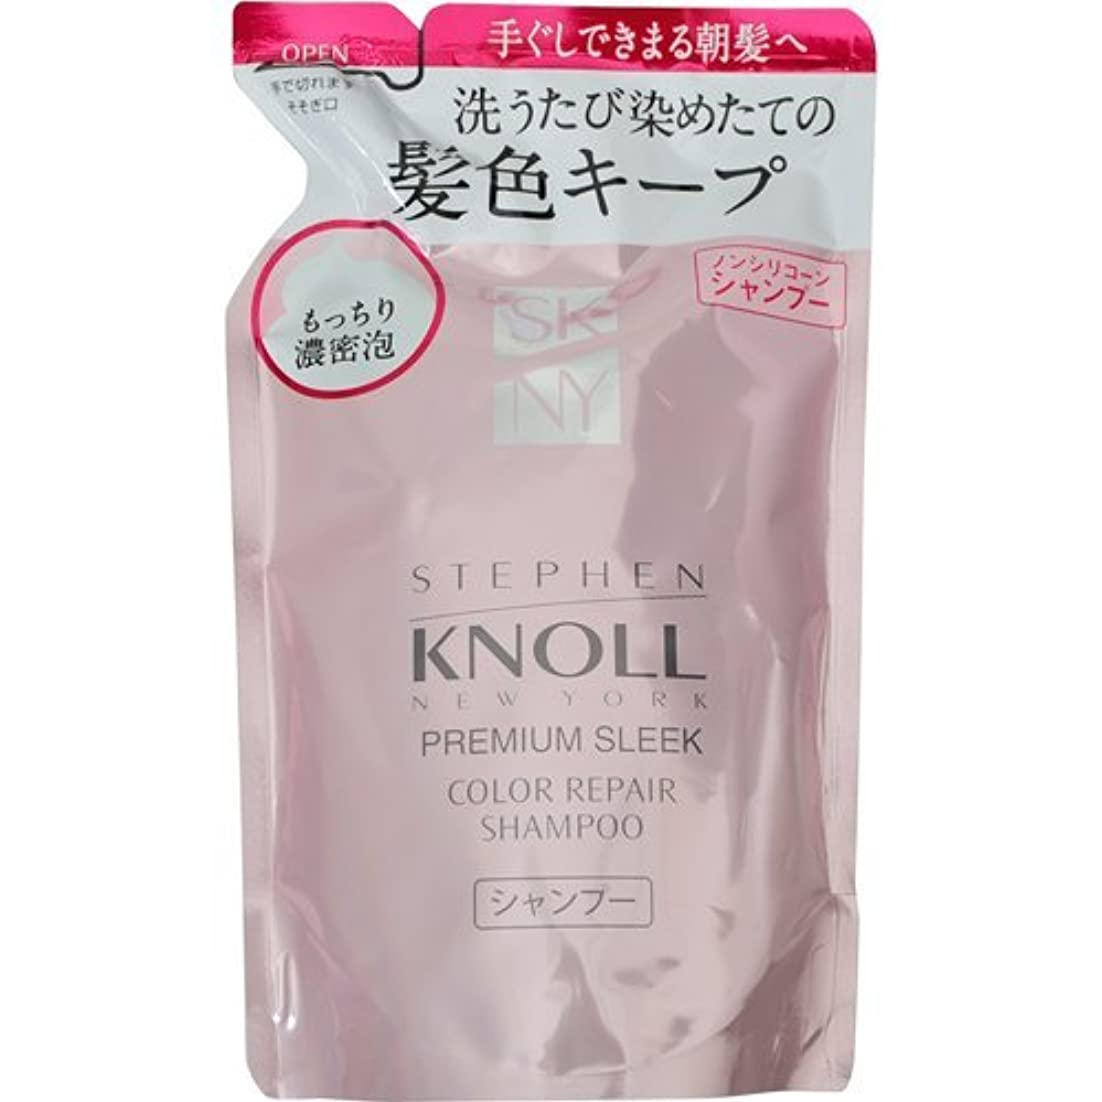 熟す適切に手書きコーセー スティーブンノル カラーリペア シャンプー 詰替え用 400ml